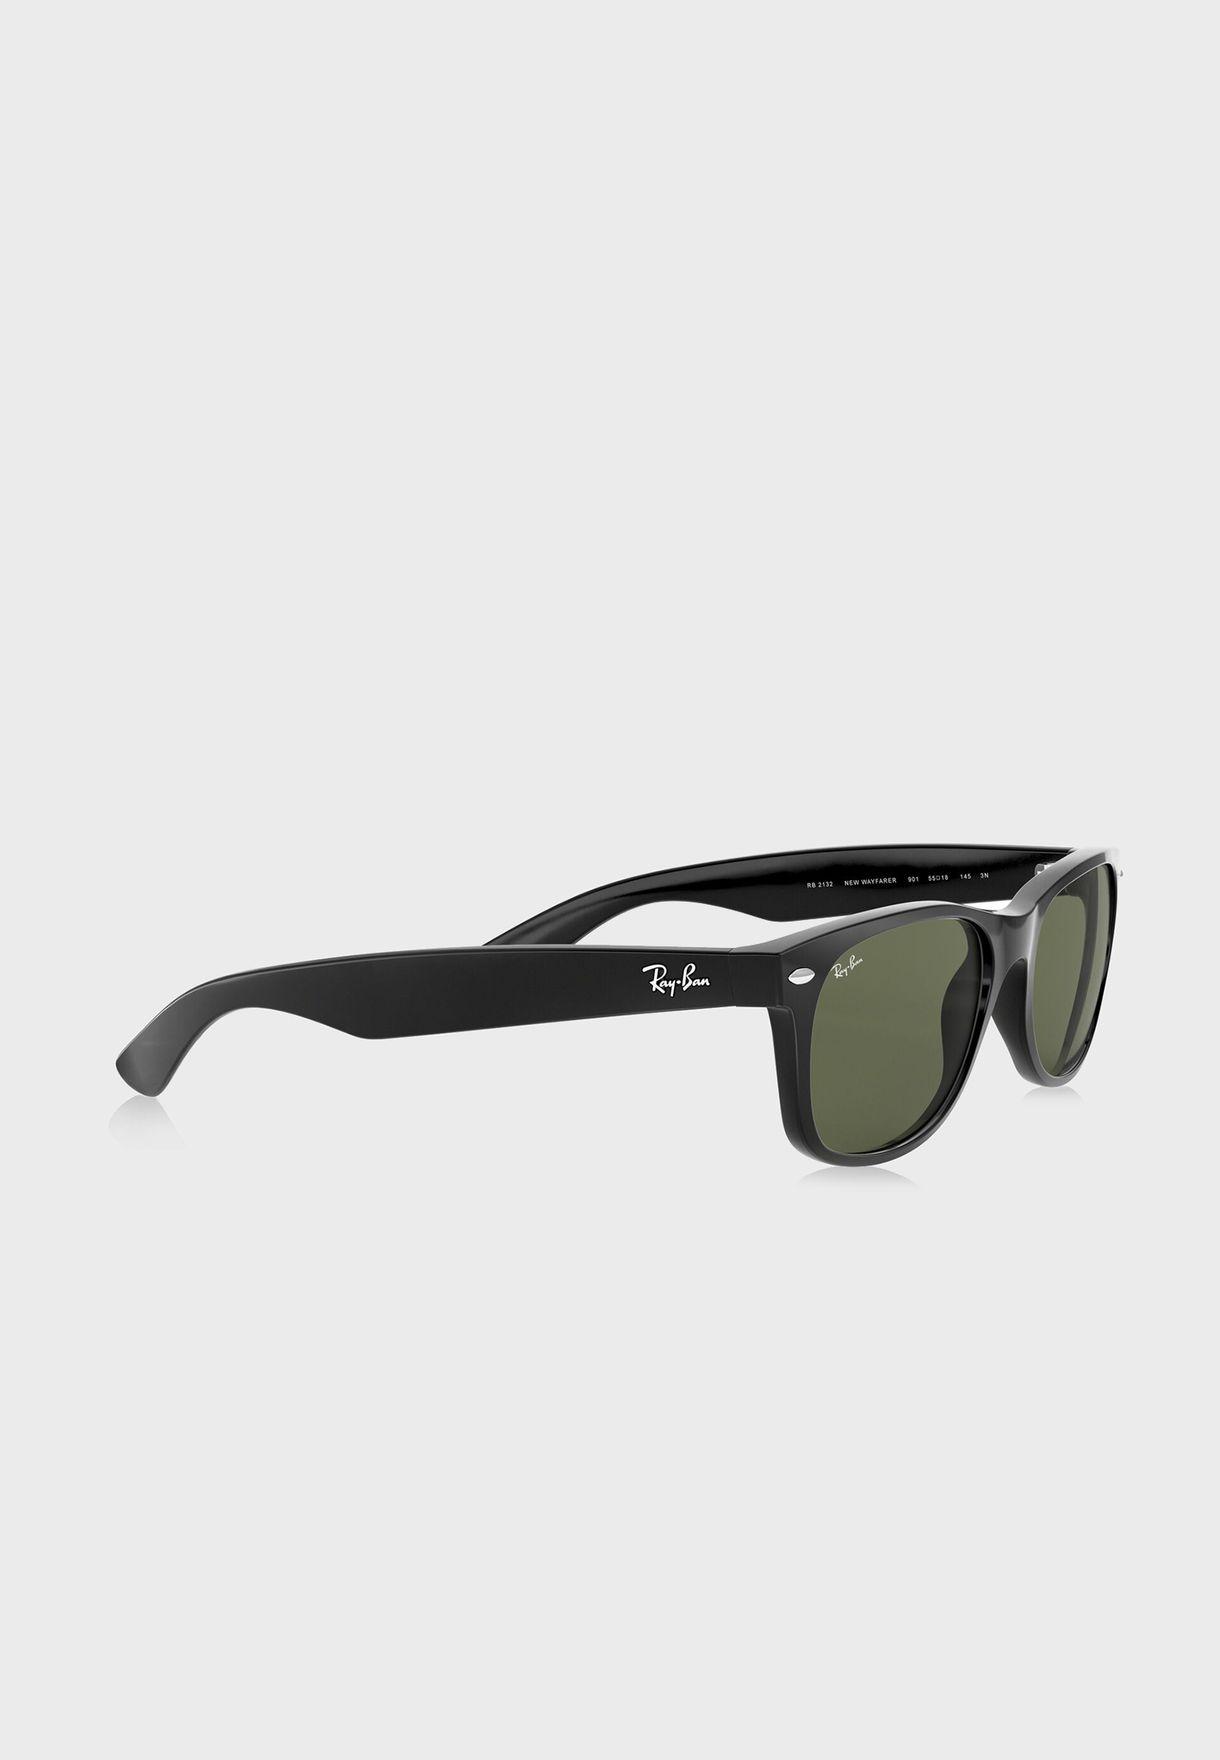 نظارة شمسية وايفيرر كلاسيكية